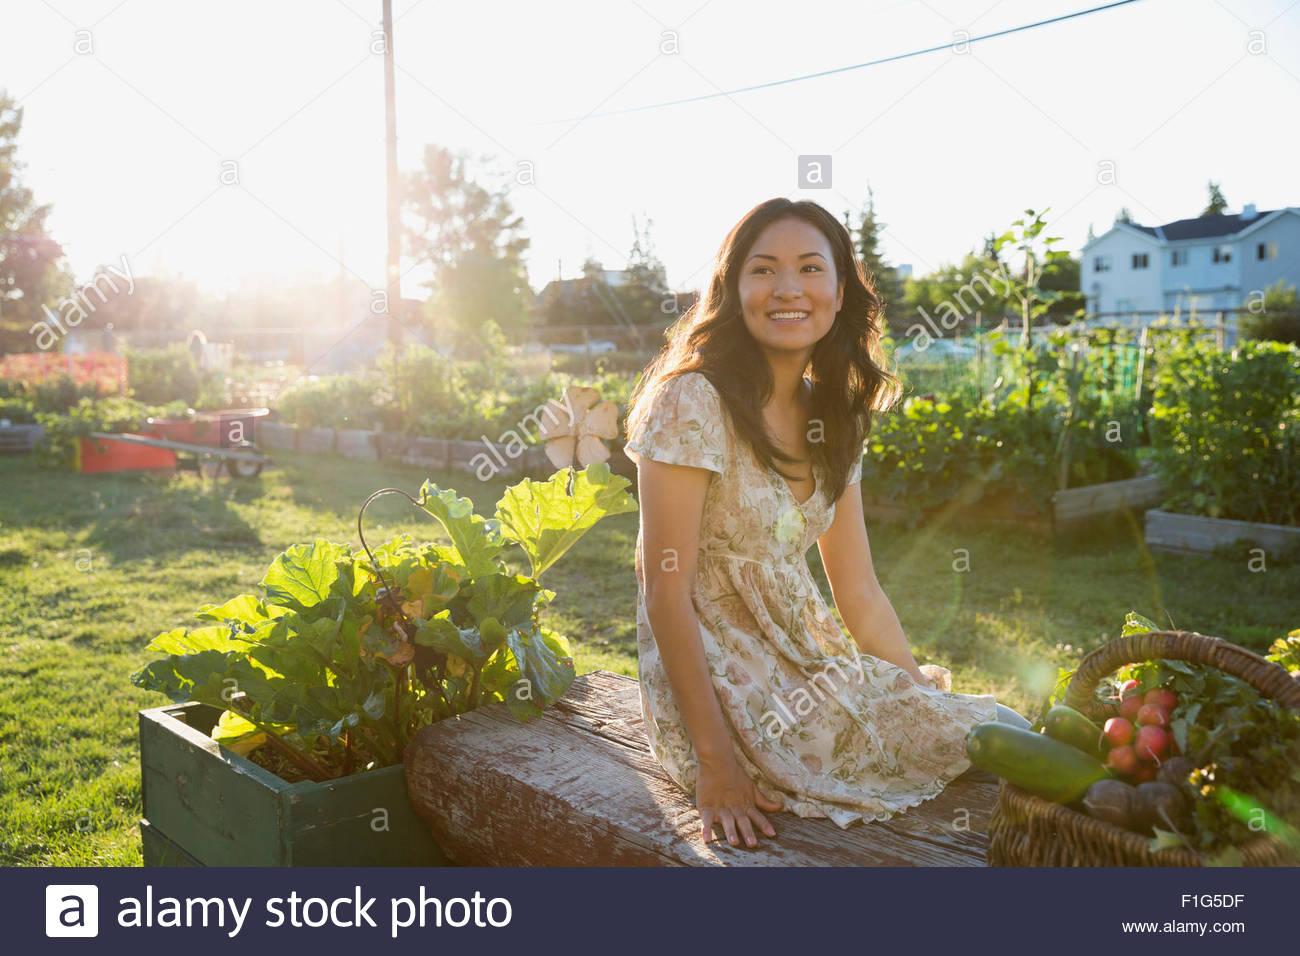 Sorridente ragazza adolescente la raccolta degli ortaggi in giardino Immagini Stock